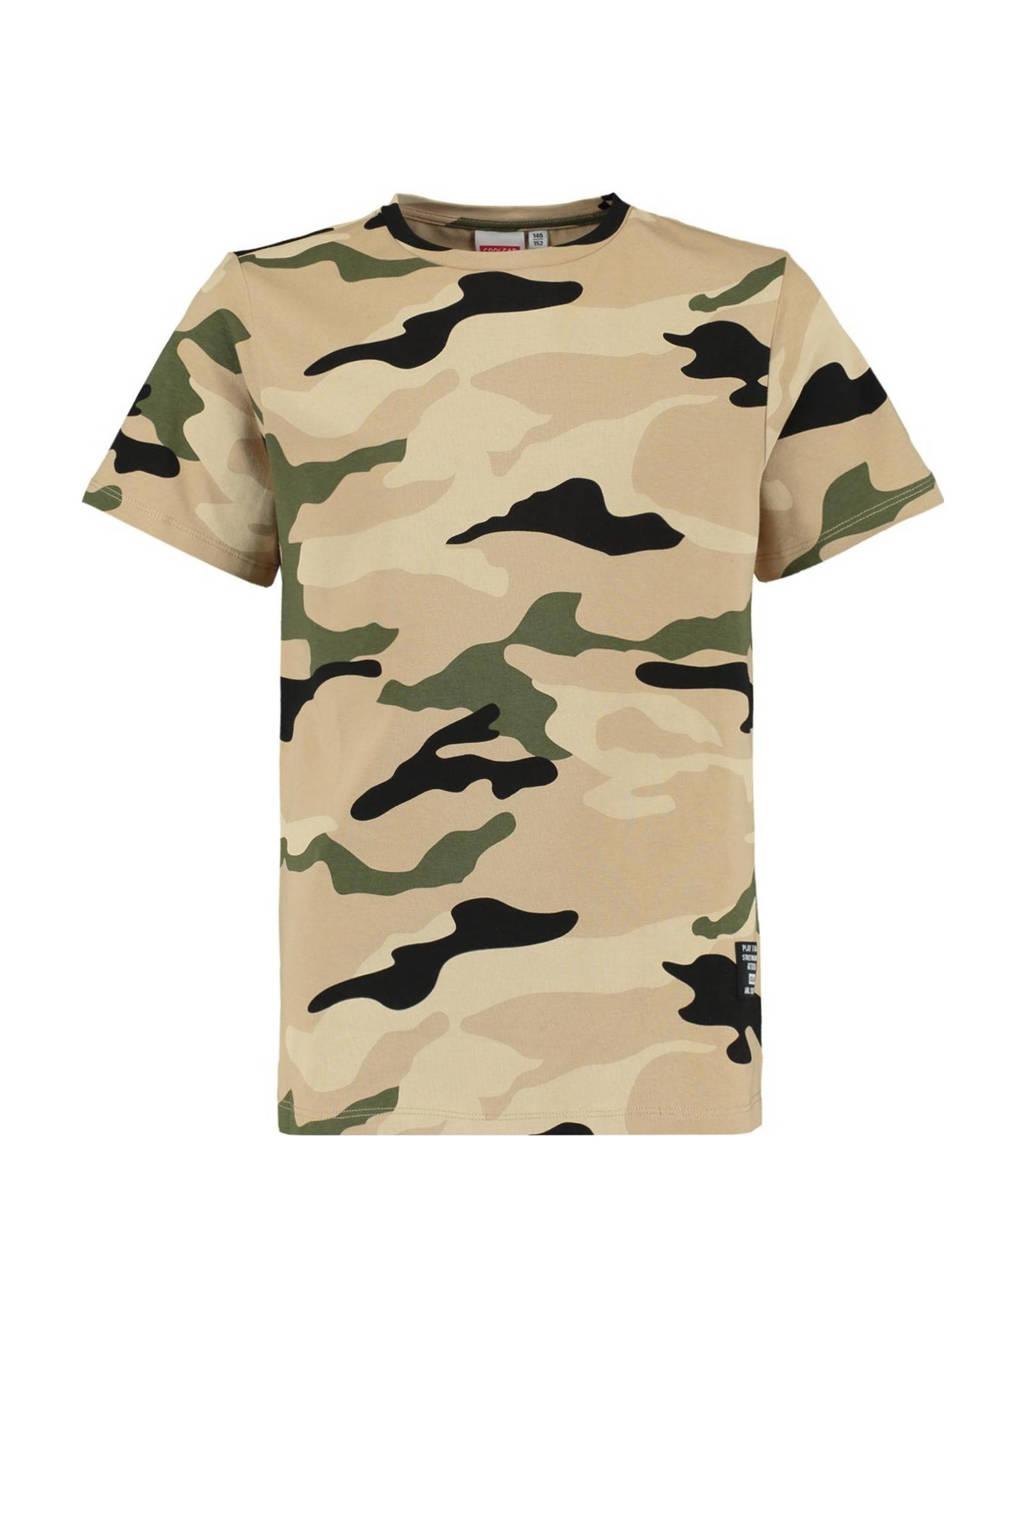 CoolCat Junior T-shirt Enzo met camouflageprint zand/army groen/zwart, Zand/army groen/zwart